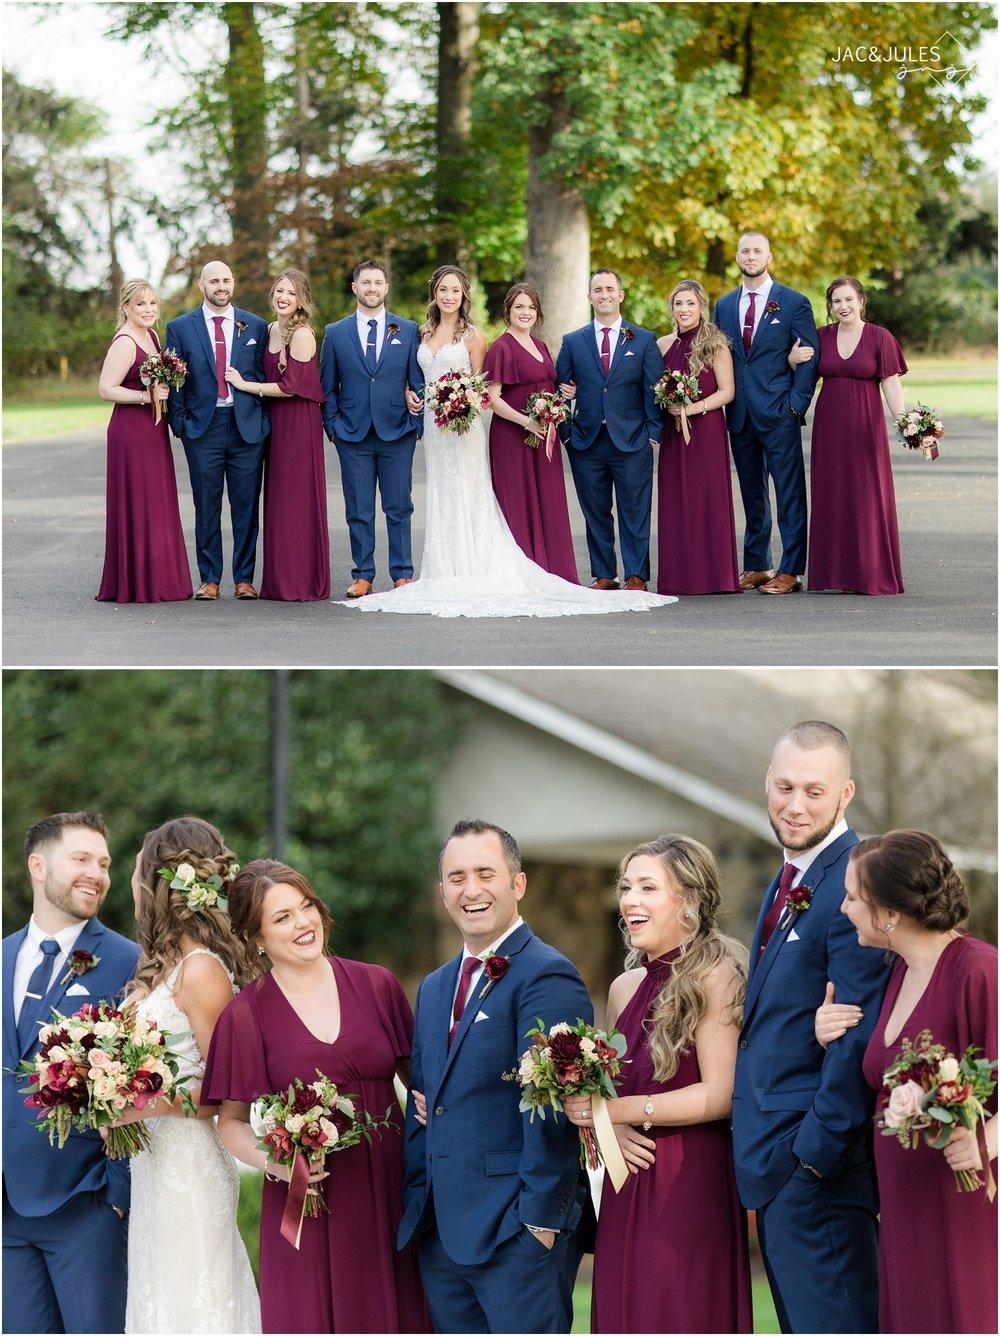 bridal party photos at the ryland inn.